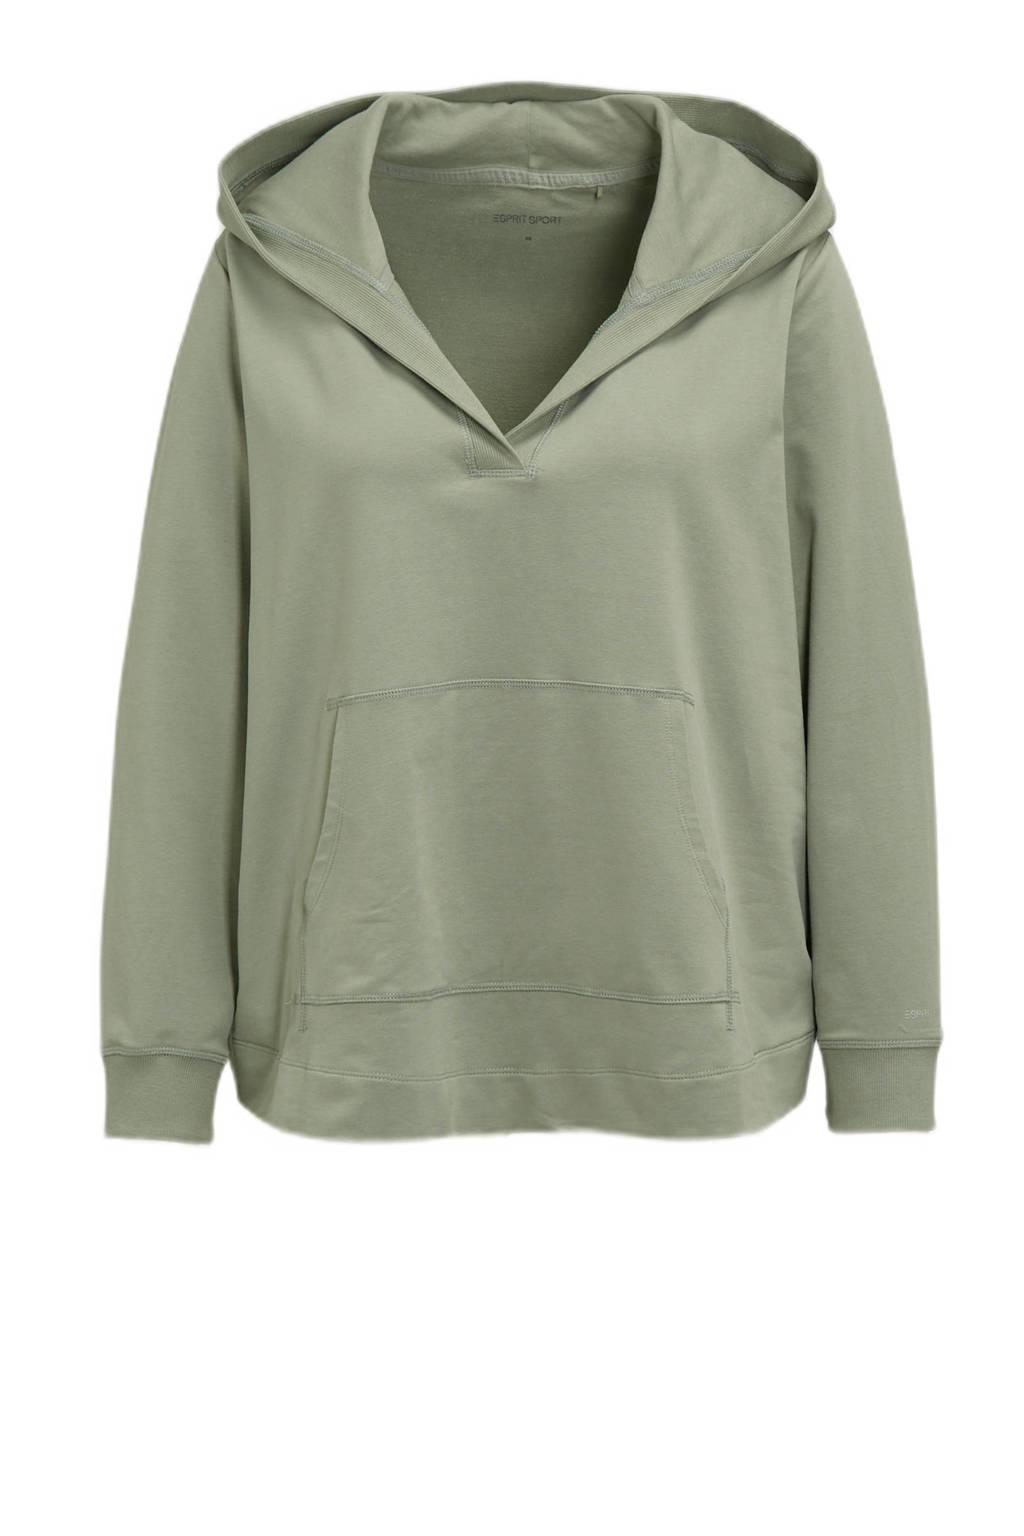 ESPRIT Women Sports Plus Size sportsweater groen, Groen